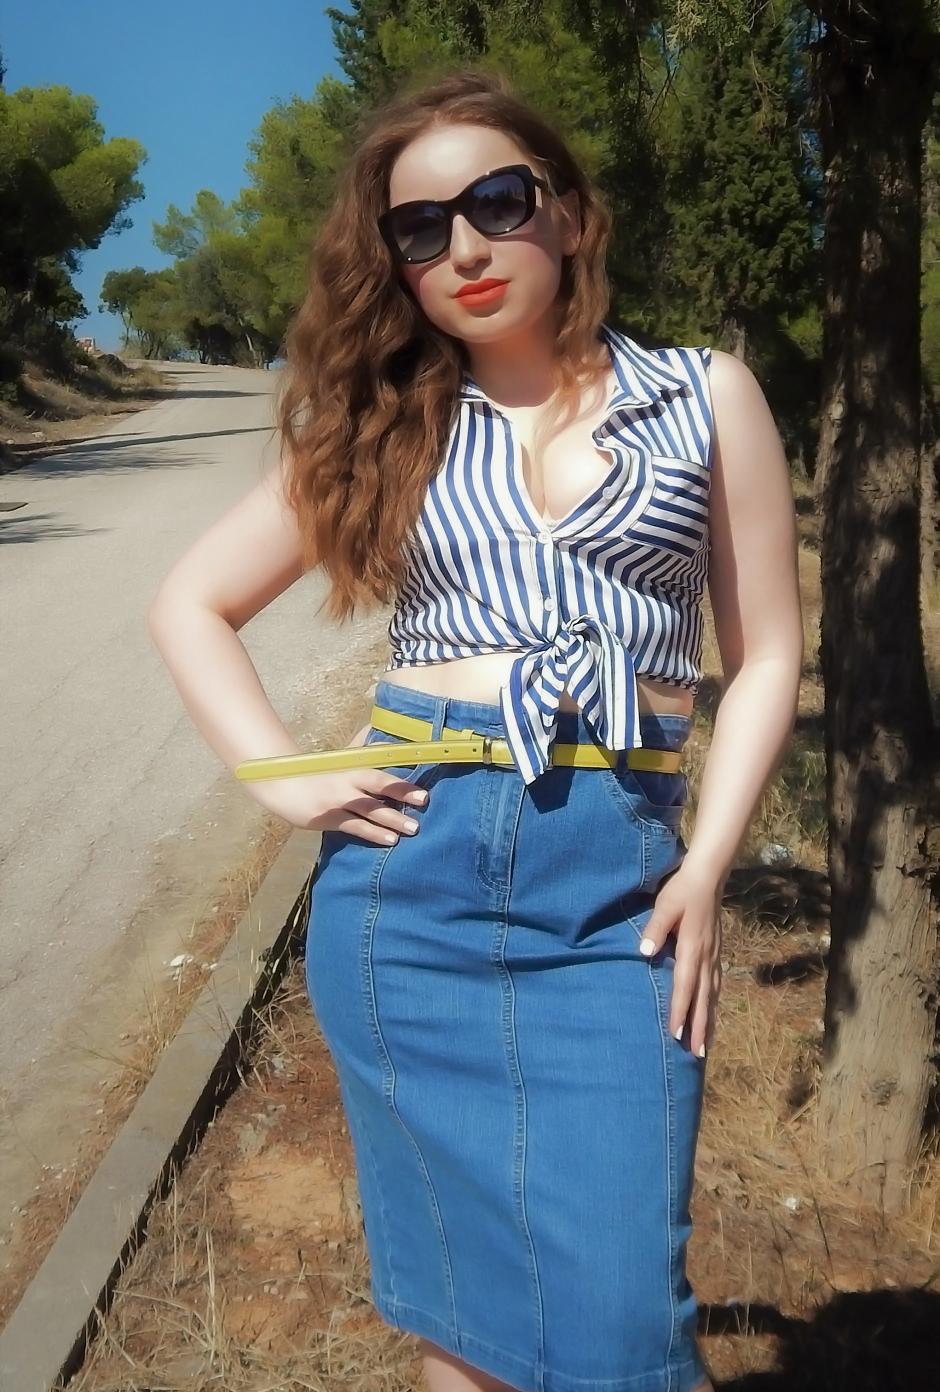 lorena_stroka_wiki_gazetare_biografia_instagram_bashkeshorti_foto_kush_eshte_lorena_stroka